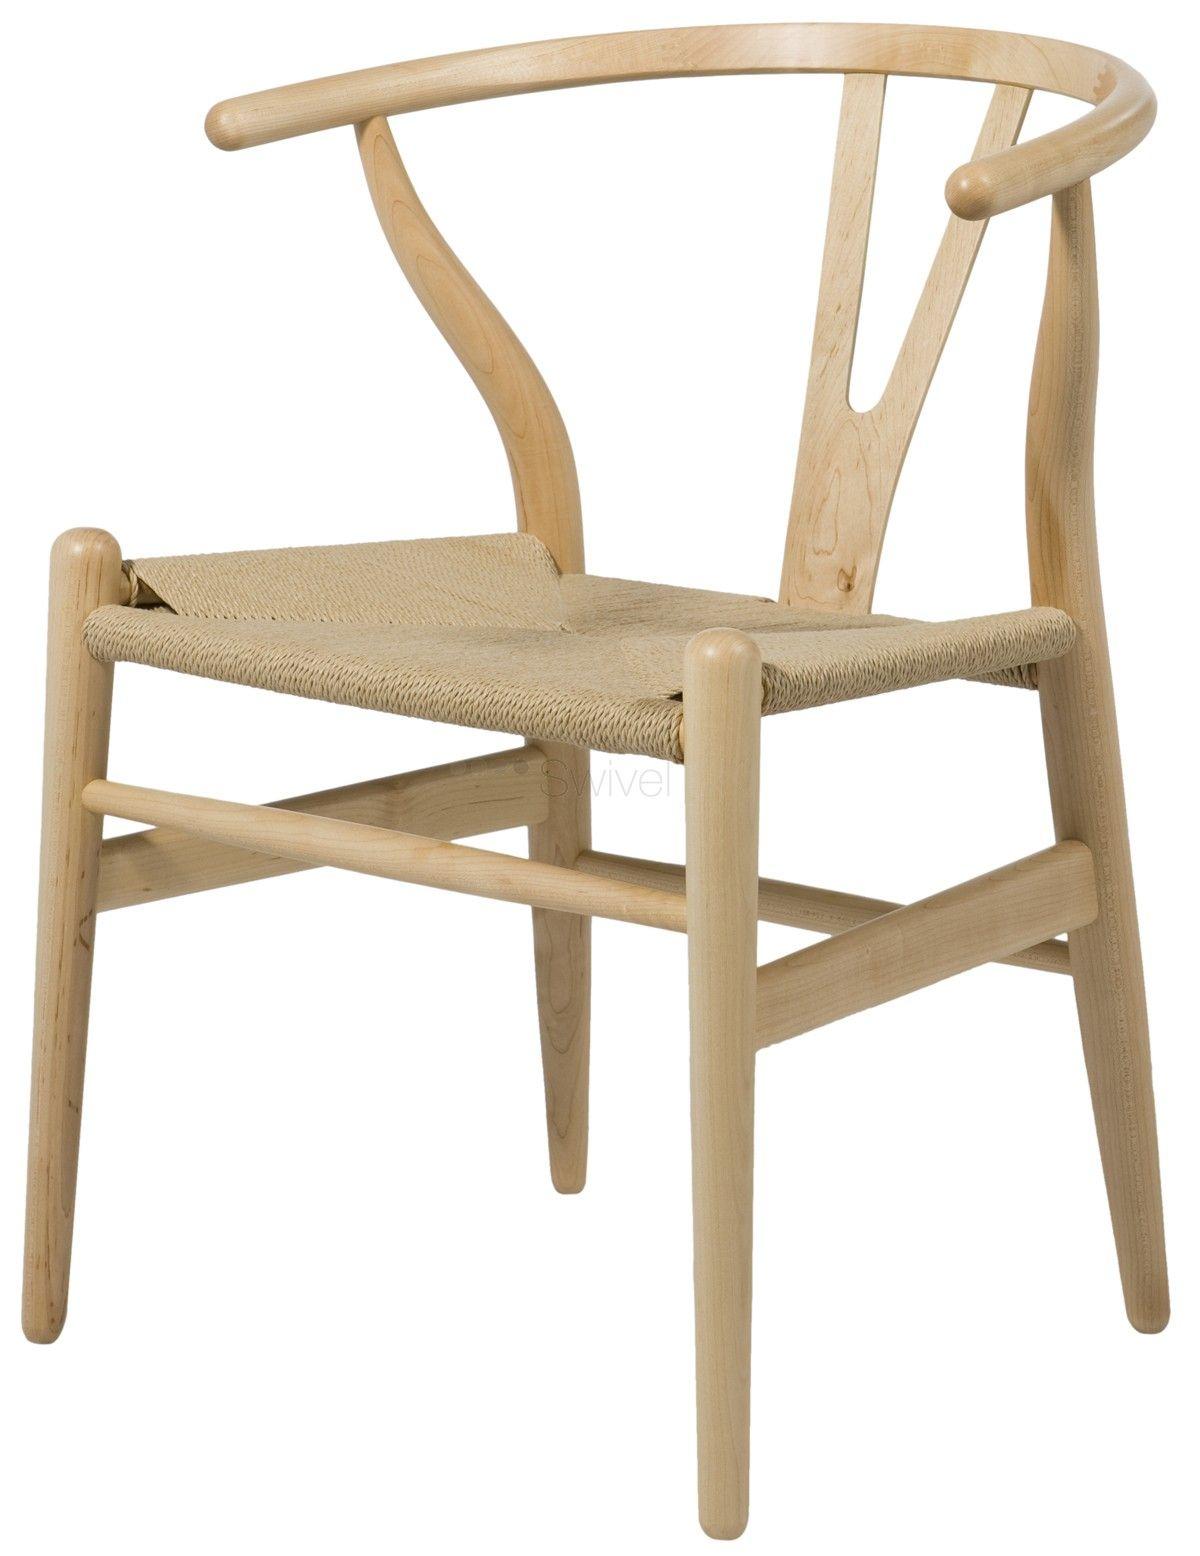 wegner wishbone chair | new home bank st | pinterest | hans wegner